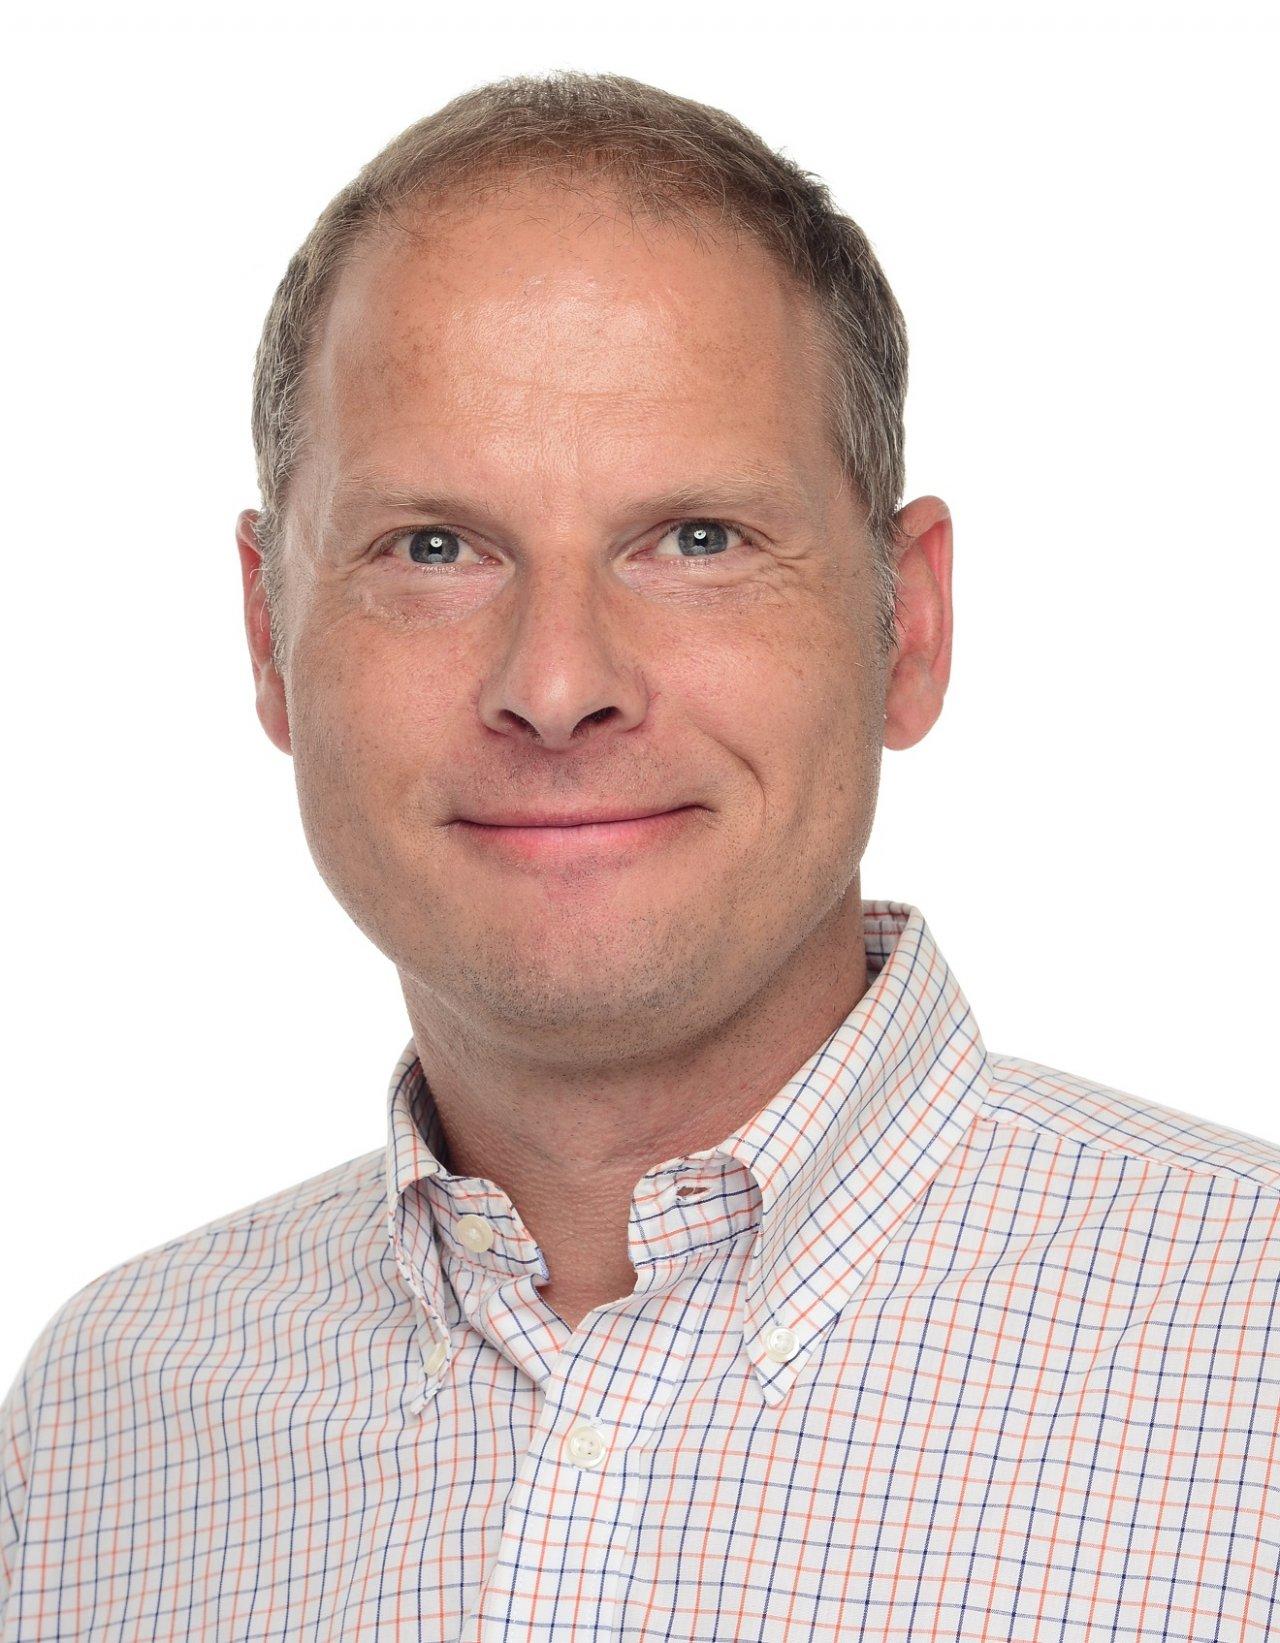 Das Foto zeigt den lächelnden Heilpraktiker Dirk Peretzki. Dieser trägt ein weißes Liebscher & Bracht Polo T-Shirt und hat kurze braune Haare.